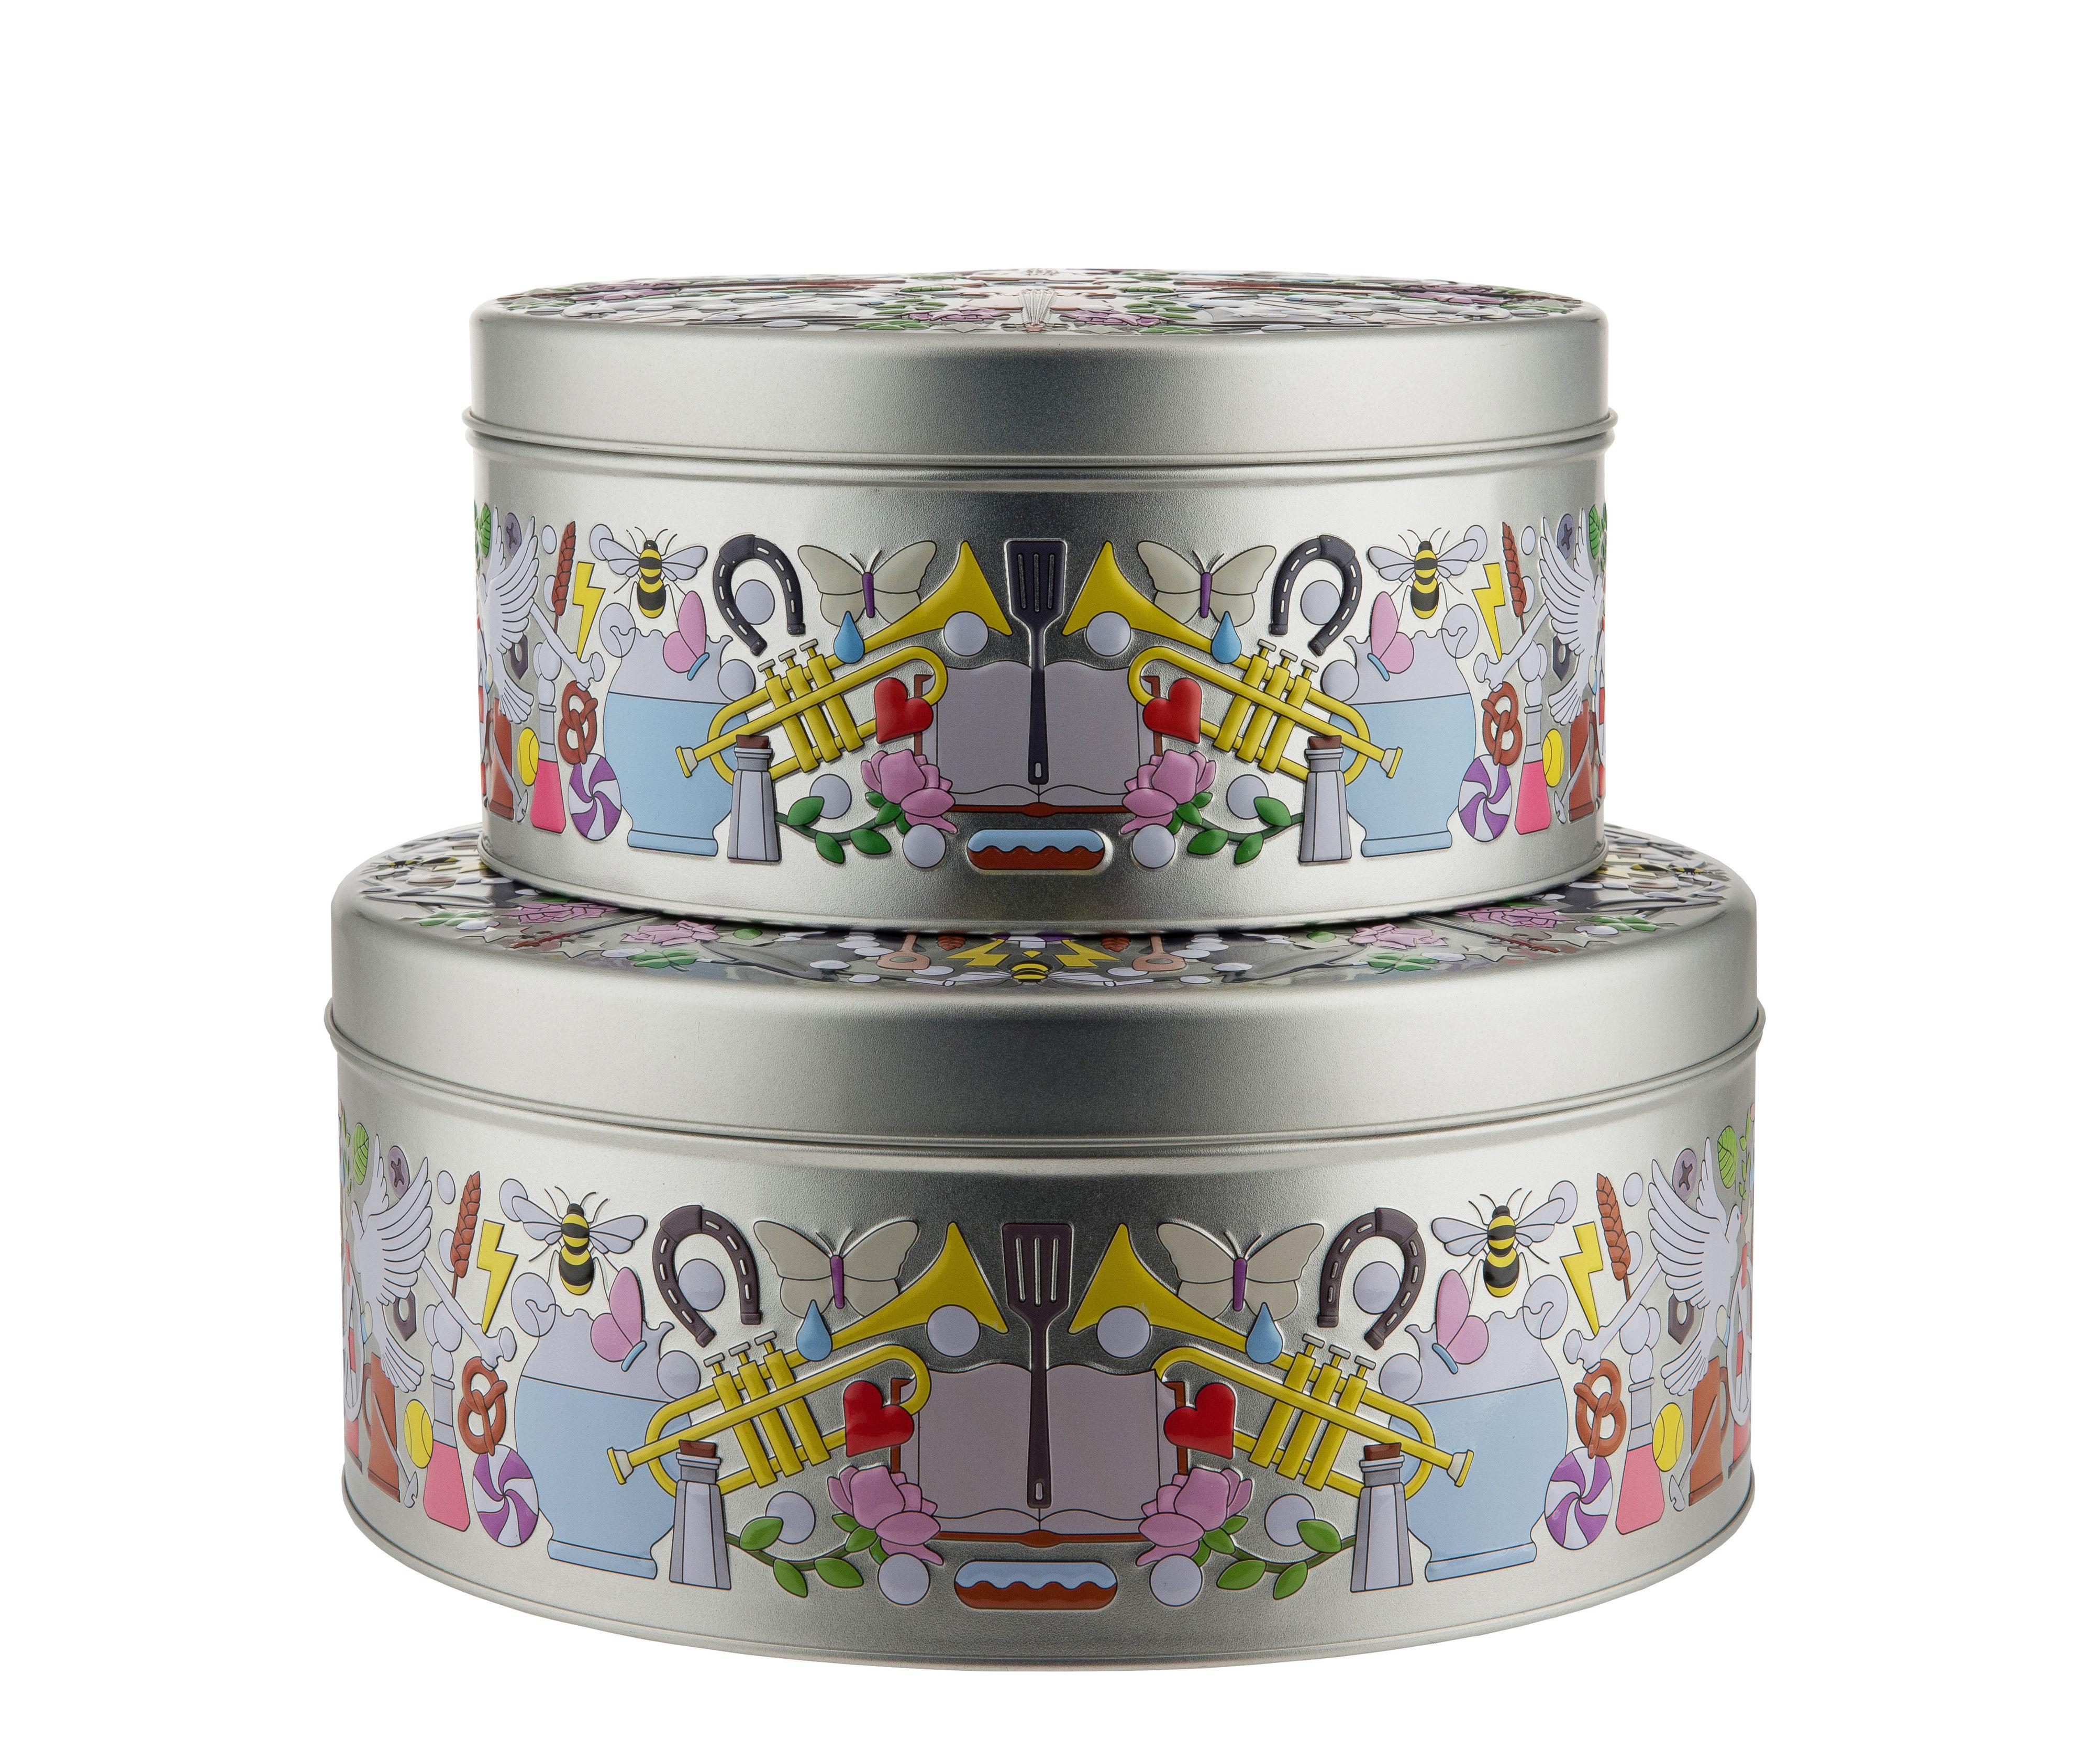 Küche - Dosen, Boxen und Gläser - Garybaldi Tin Schachtel / 2er-Set - Metall - Alessi - Mehrfarbig - Weißblech, bemalt